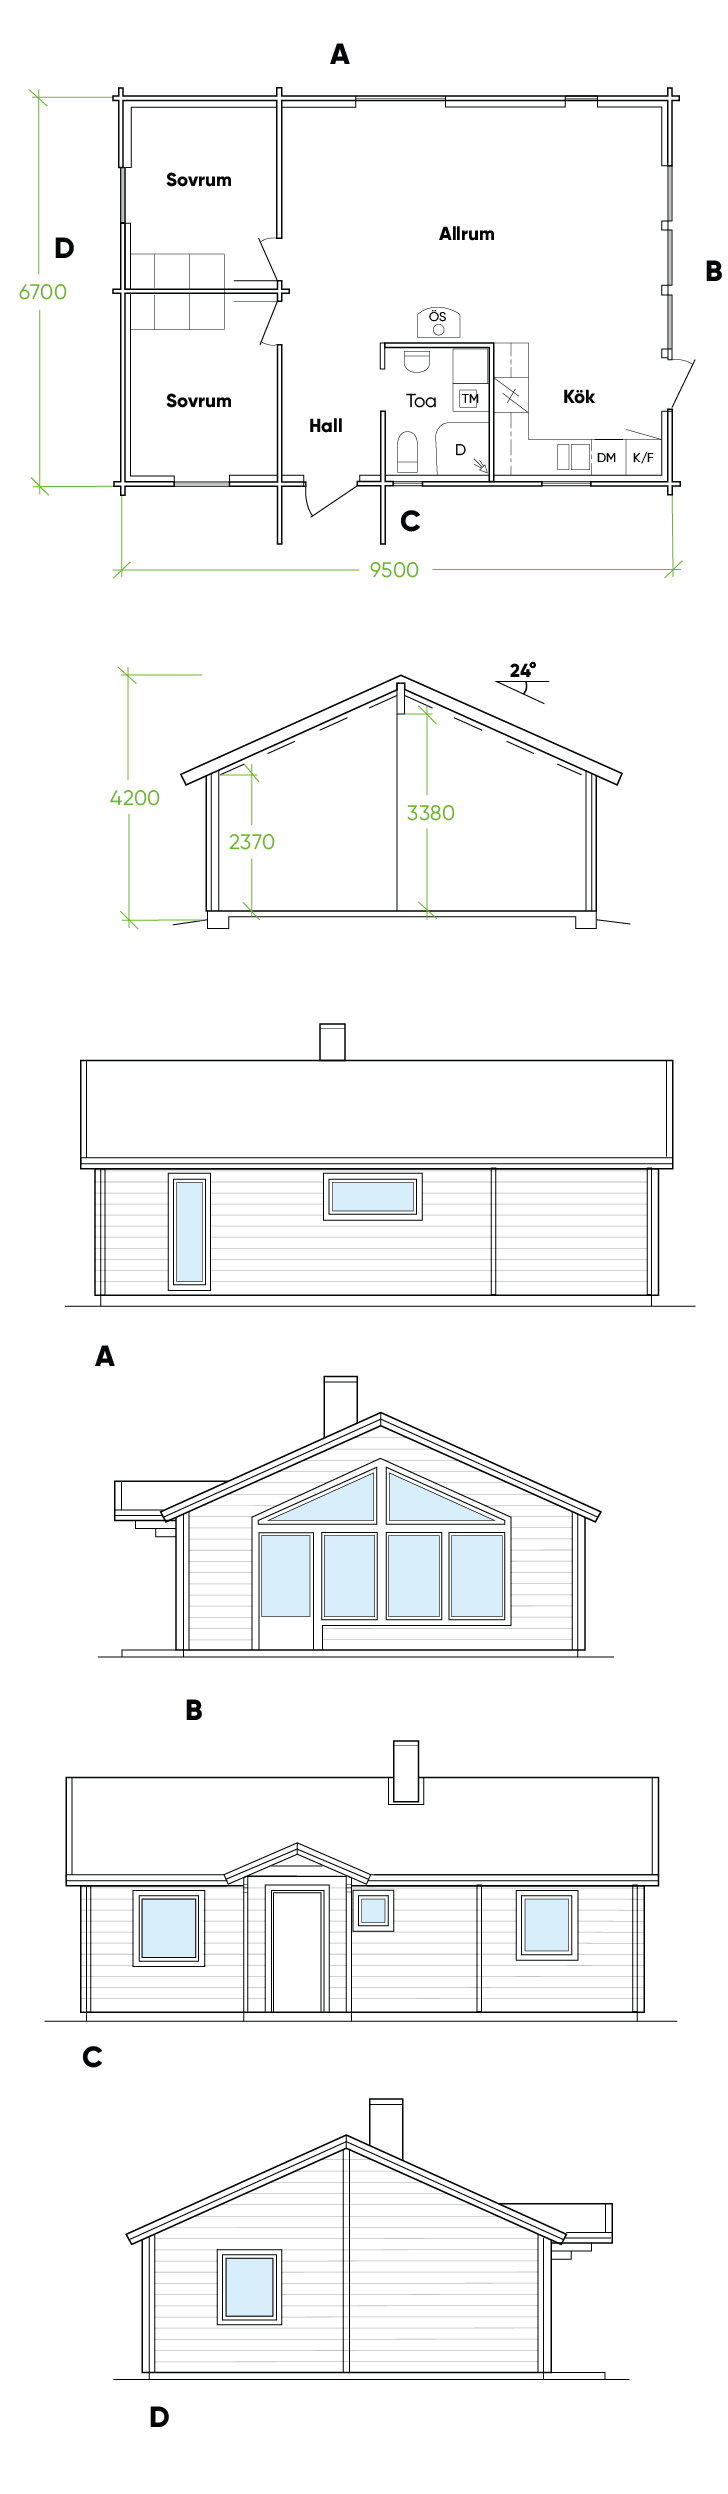 Fritidshus Matsdal ritning Bygg & trä 1